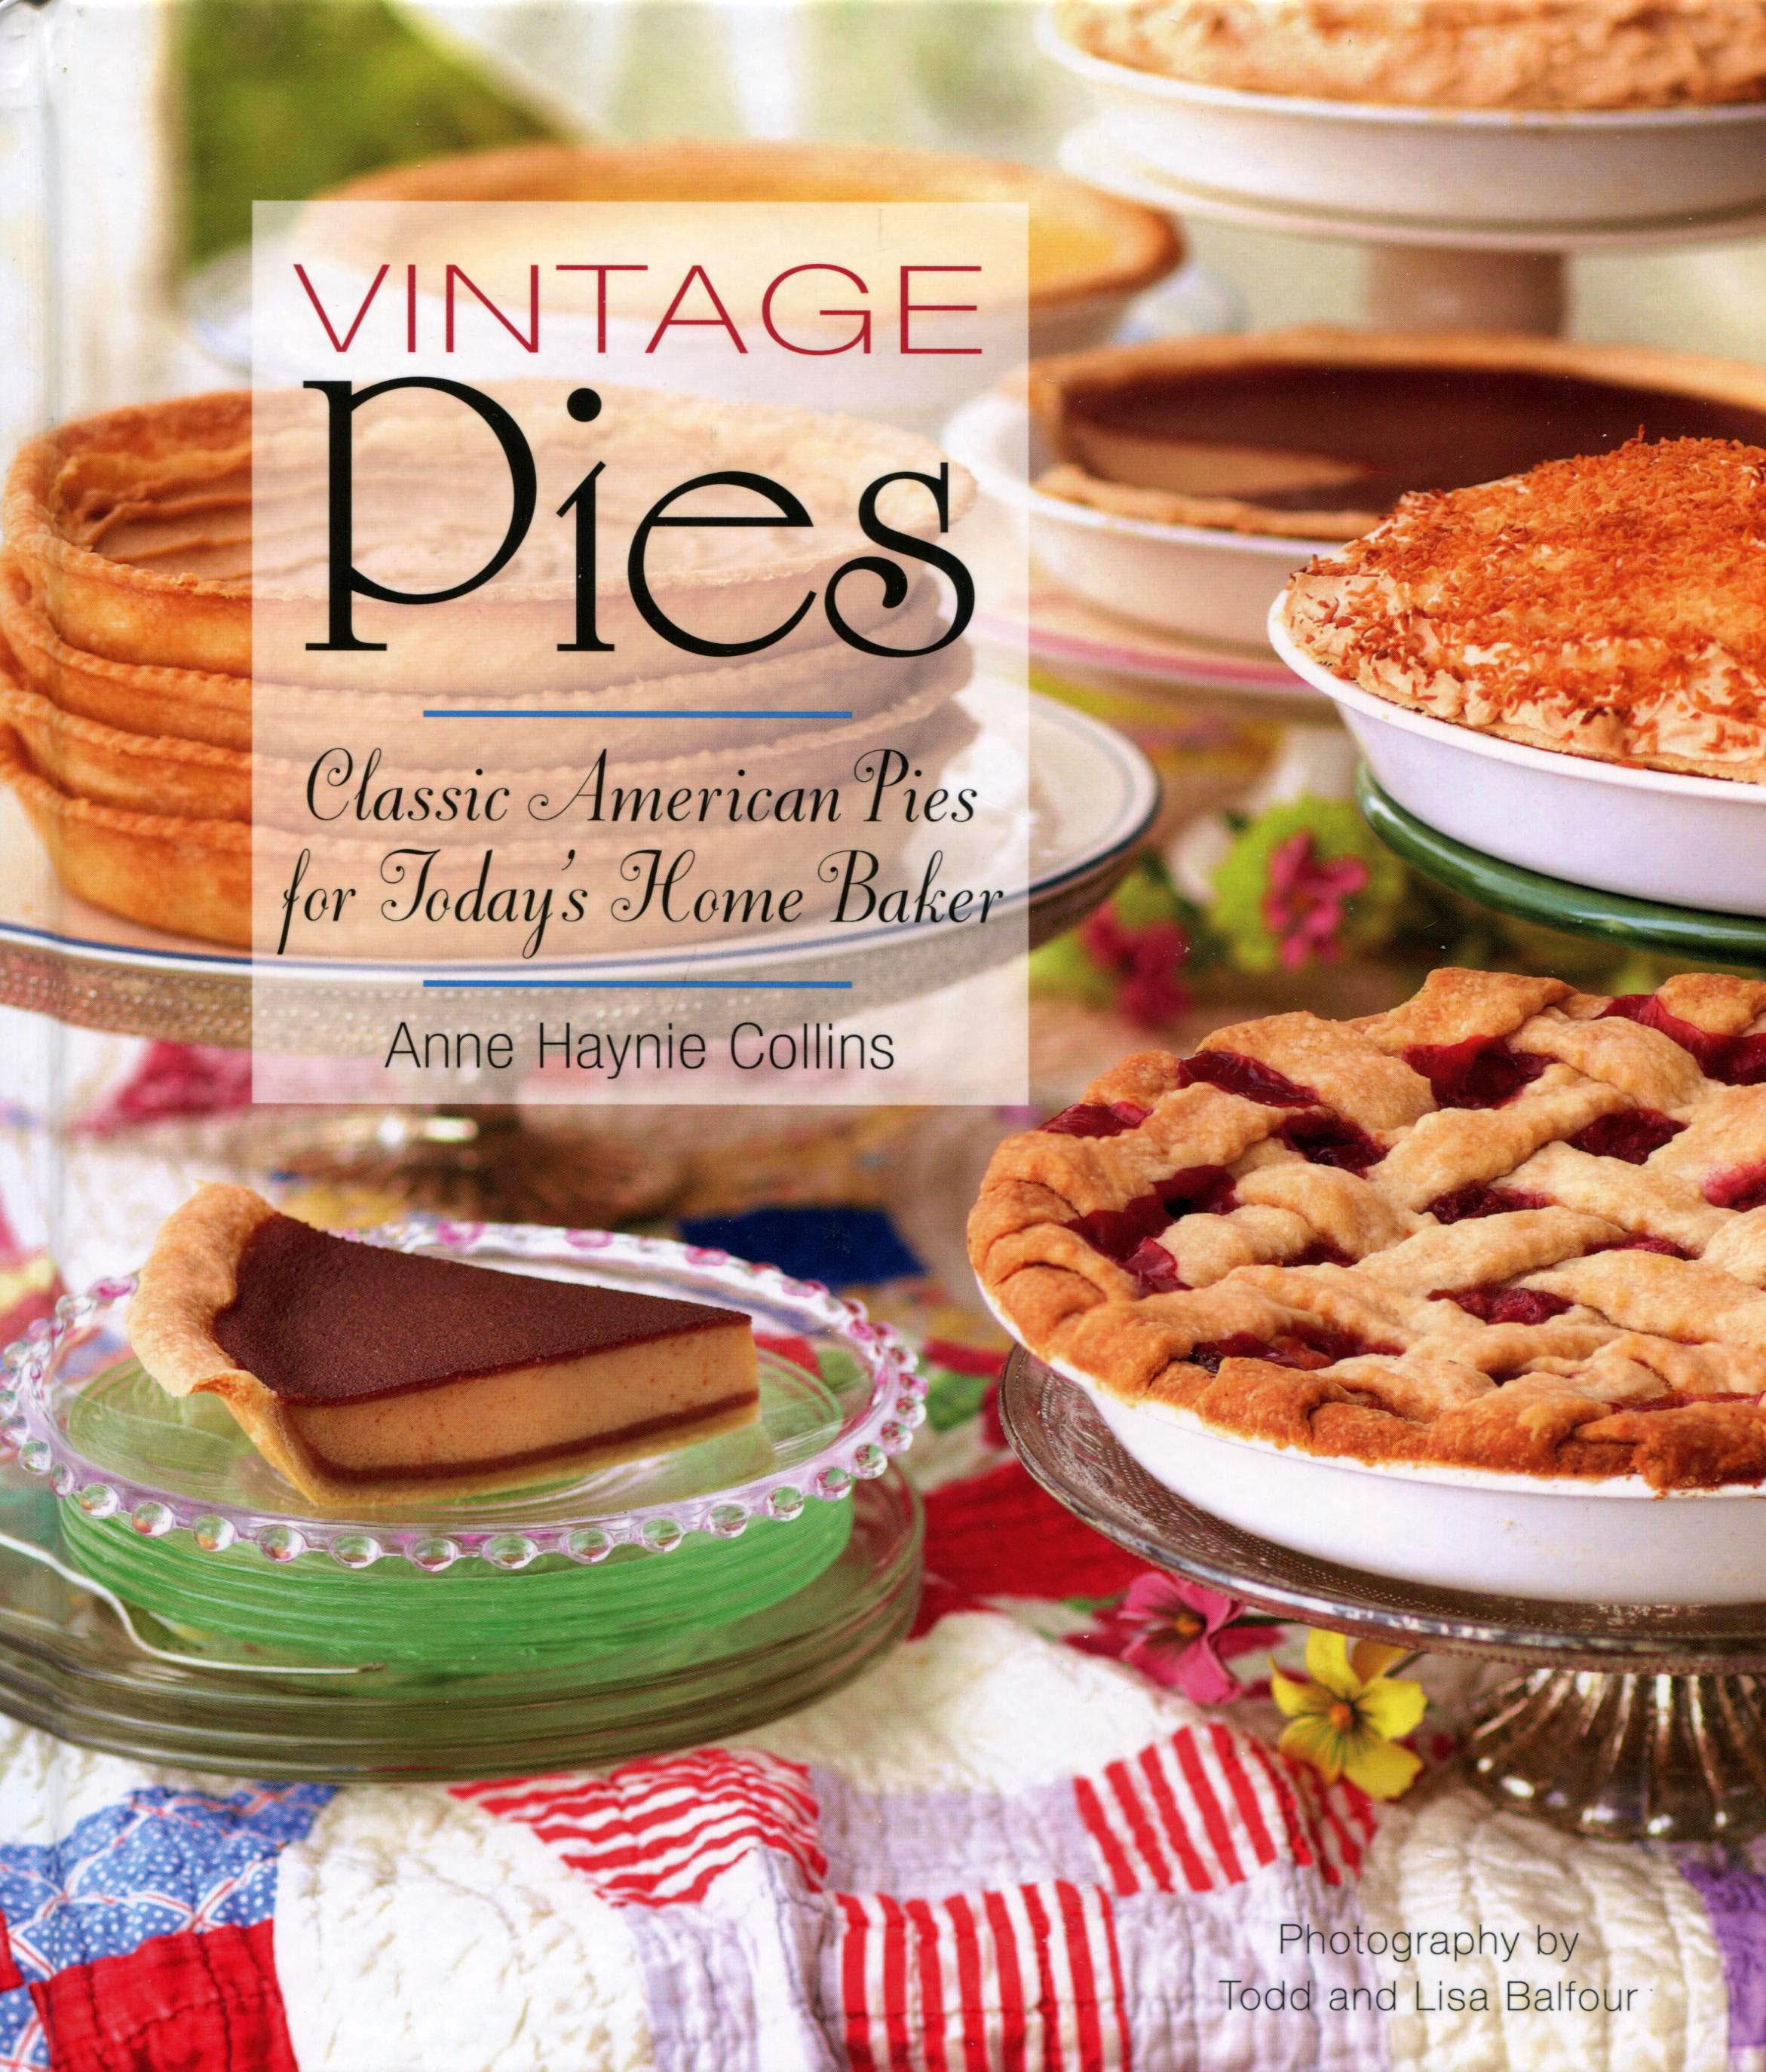 TBT Cookbook Review: Vintage Pies by Anne Haynie Collins